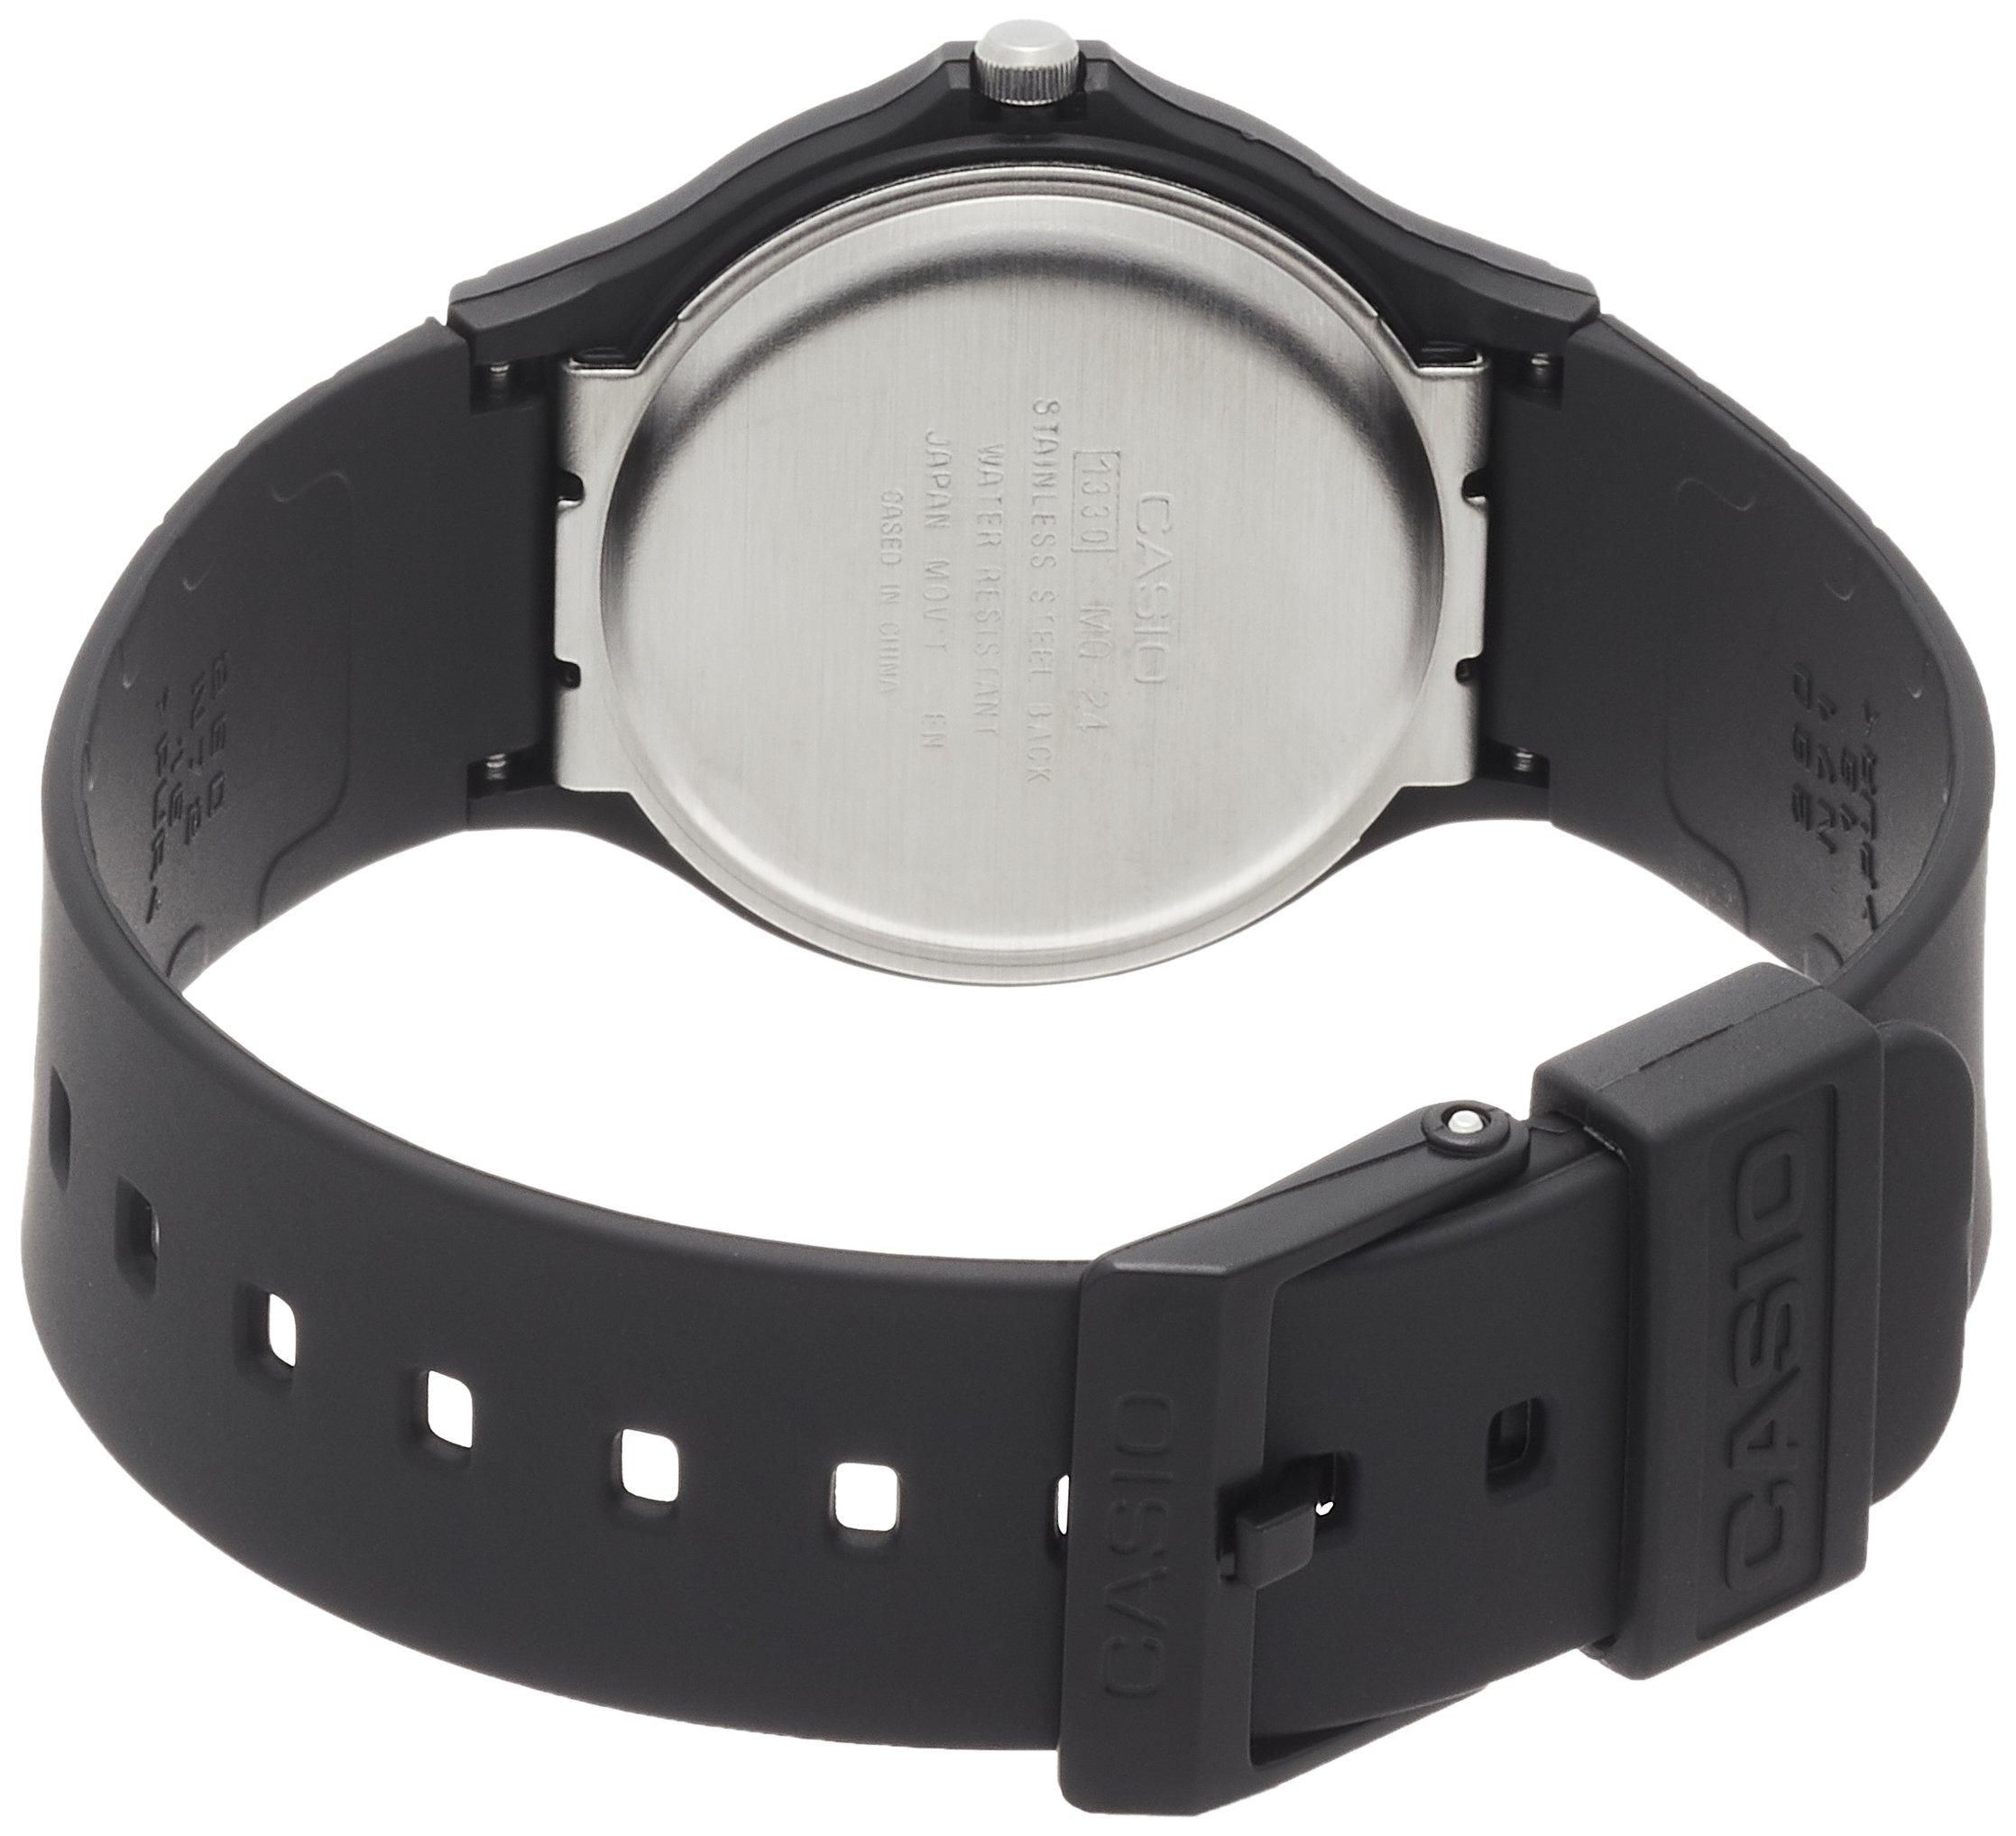 CASIO 2729 MQ-24-7B – Reloj Caballero Cuarzo Correa Caucho Negro